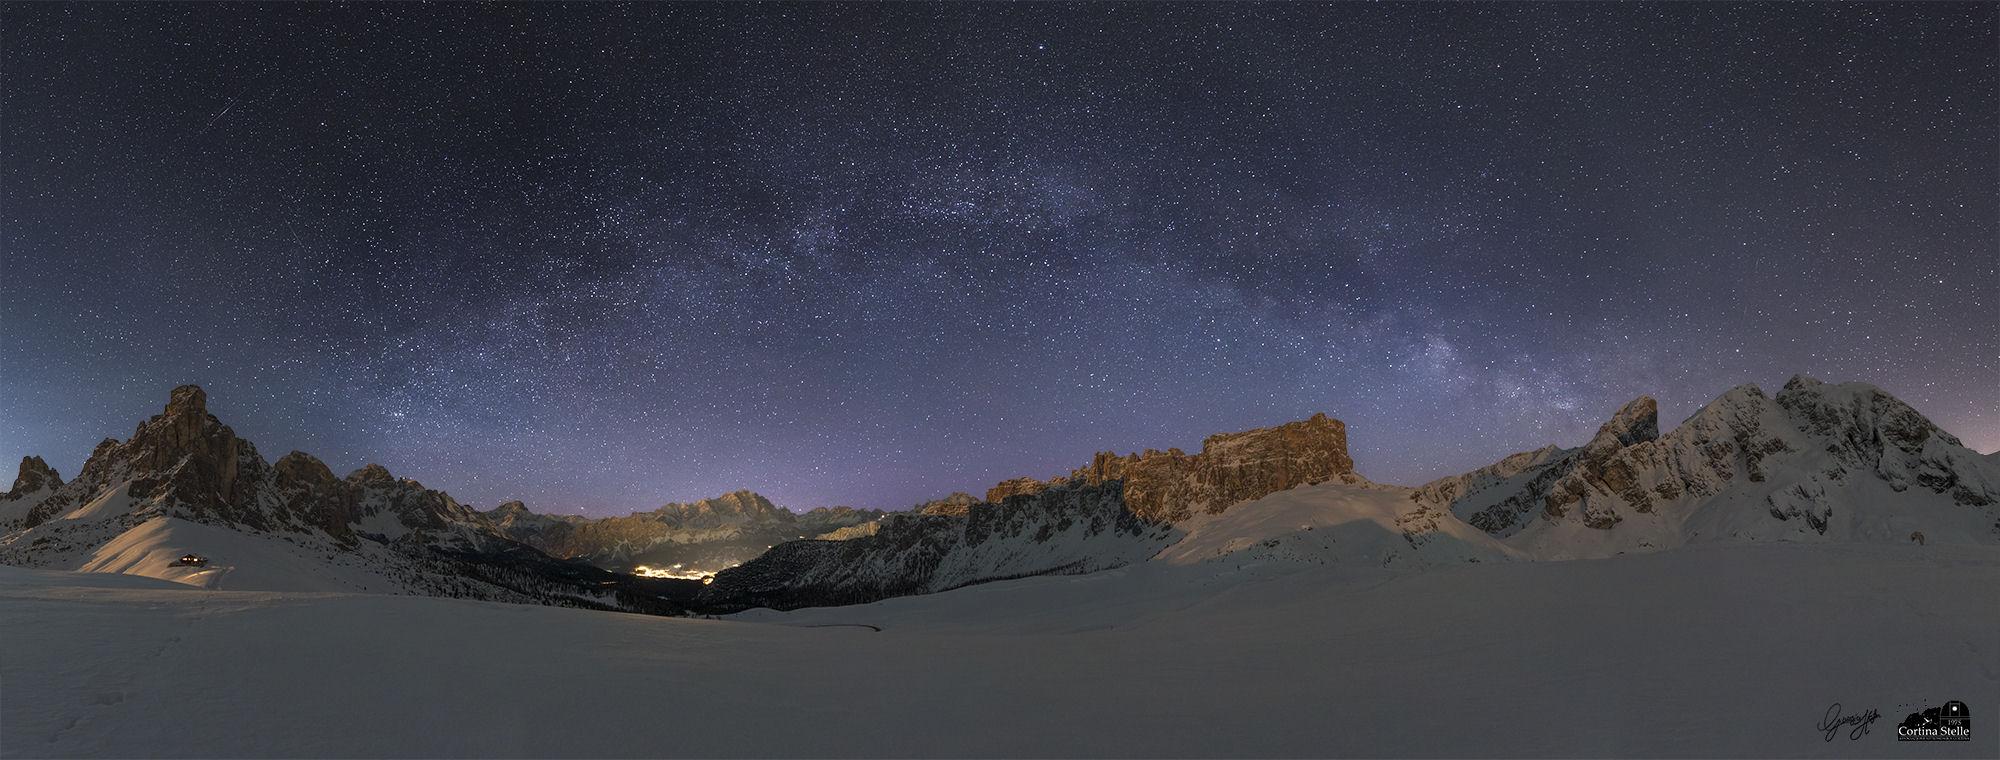 arco della Via Lattea in invernale